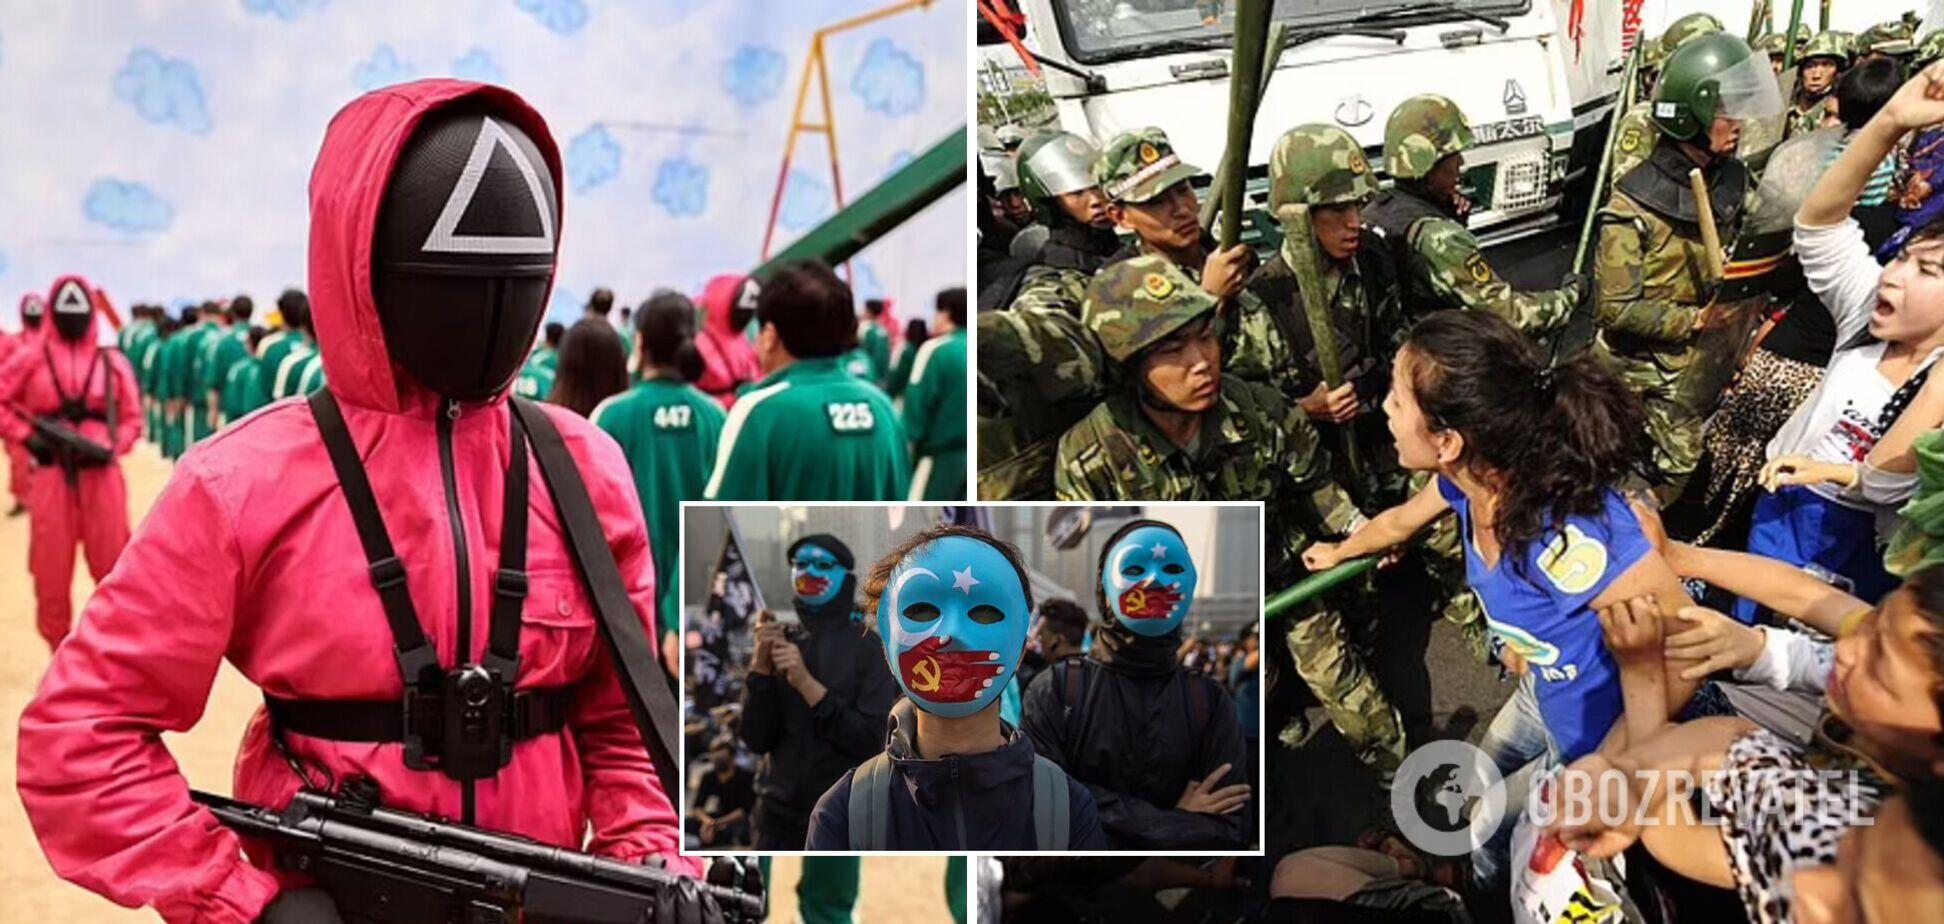 Справжня 'Гра в кальмара'? У Китаї дисидентам без їхньої згоди видаляють органи, вони потрапляють на чорний ринок